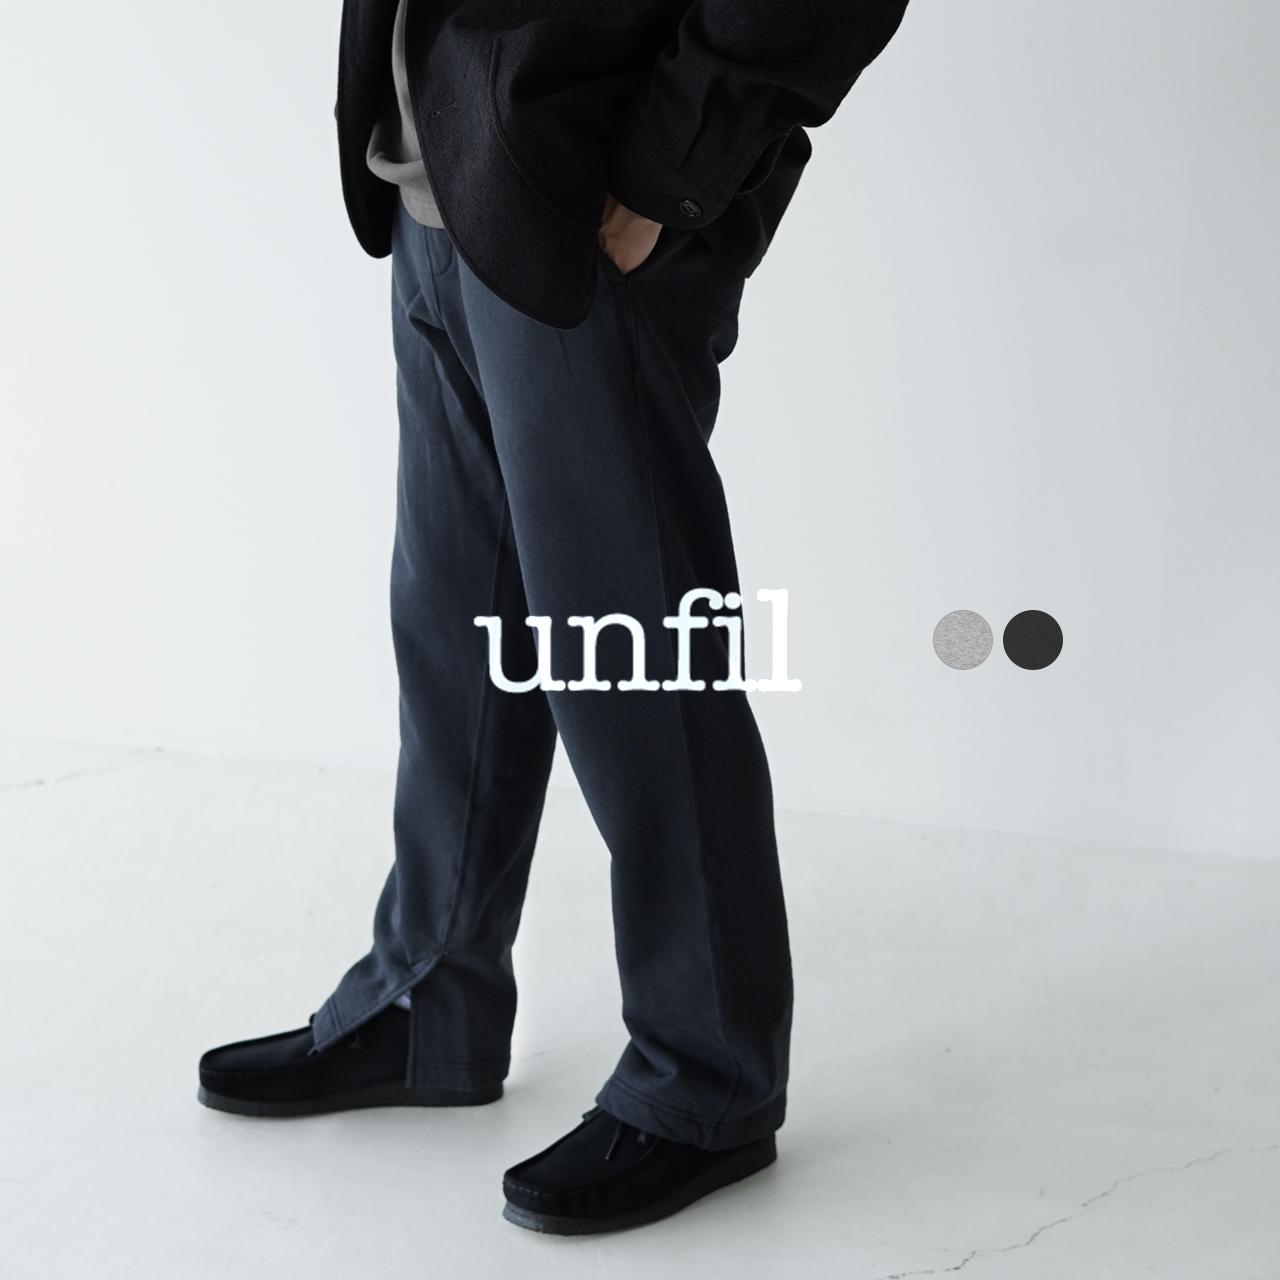 アンフィル unfil ヴィンテージ コットン フリース スウェット パンツ vintage cotton-fleece sweat pants スリット イージーパンツ テーパードシルエット メンズ 2020秋冬 ボトムス WZFL-UM228 【送料無料】 0906